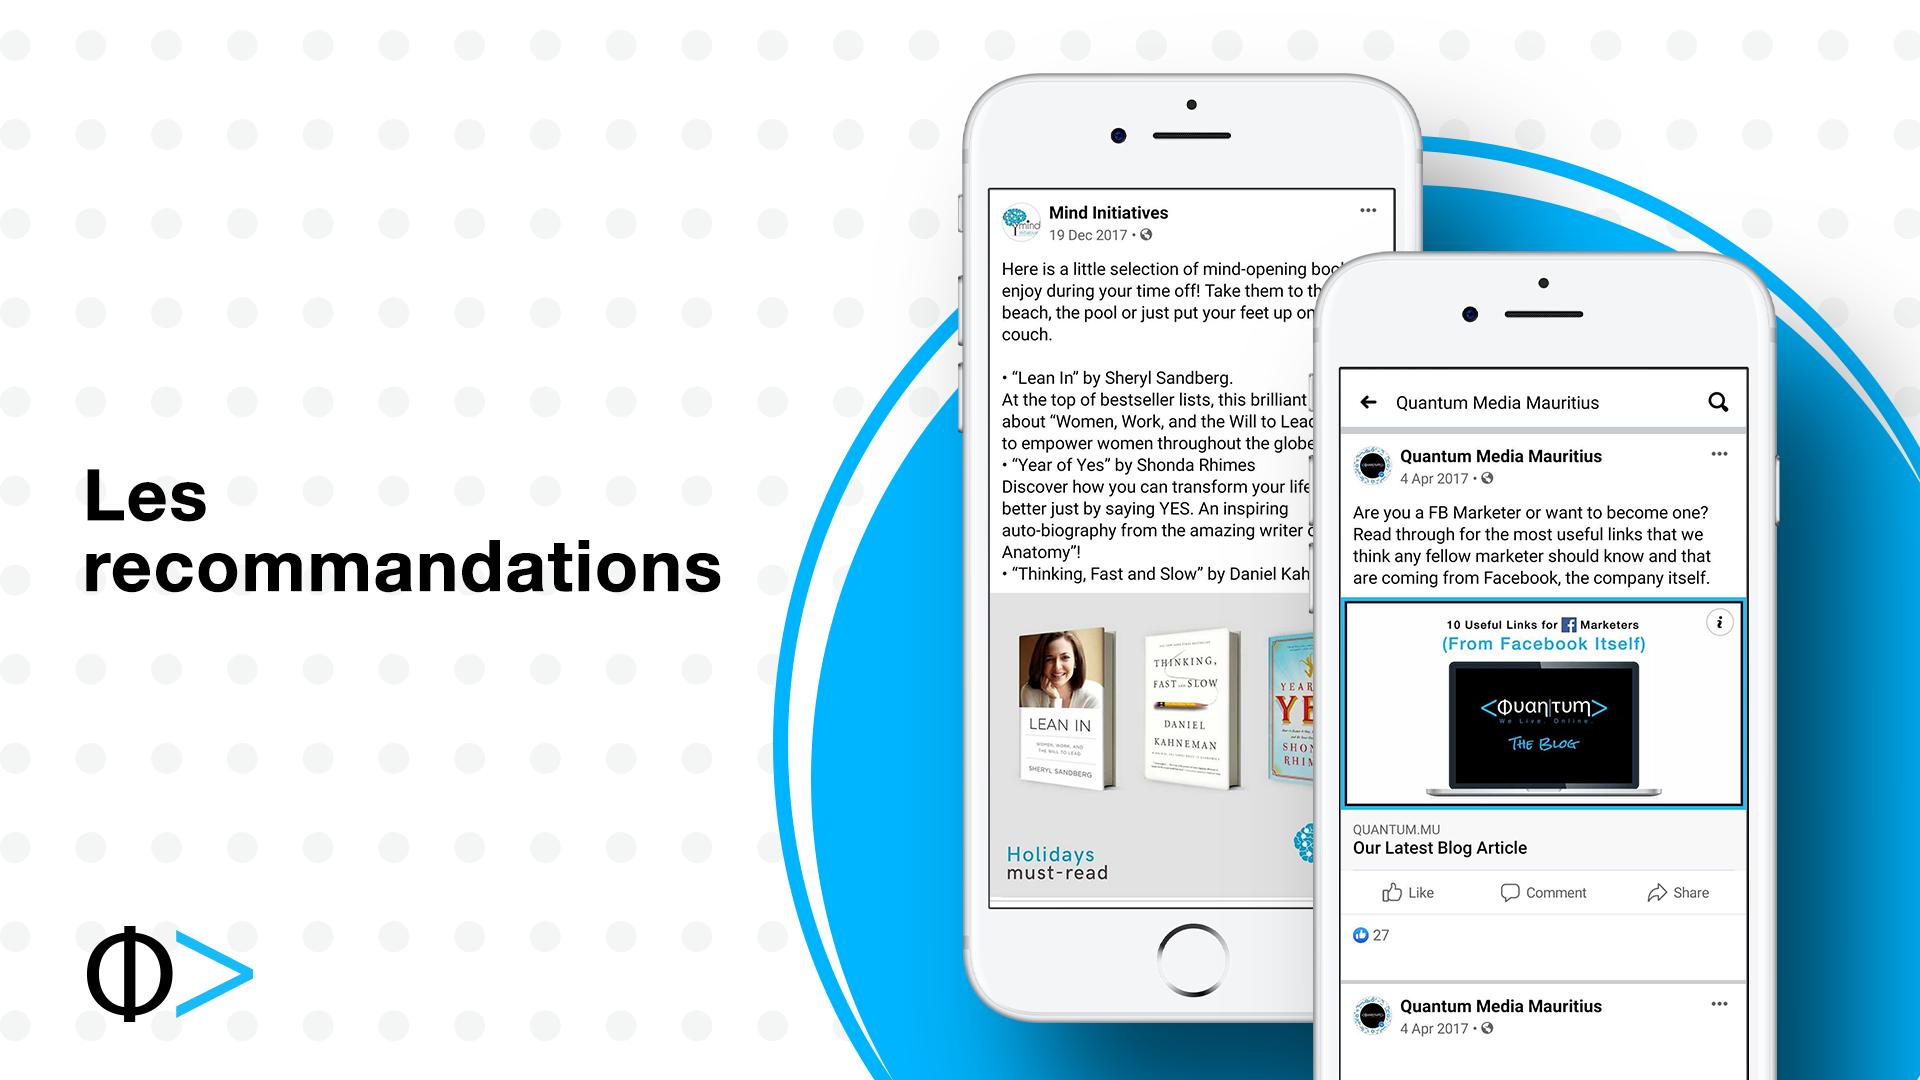 17_les recommandations_Blog_template.png